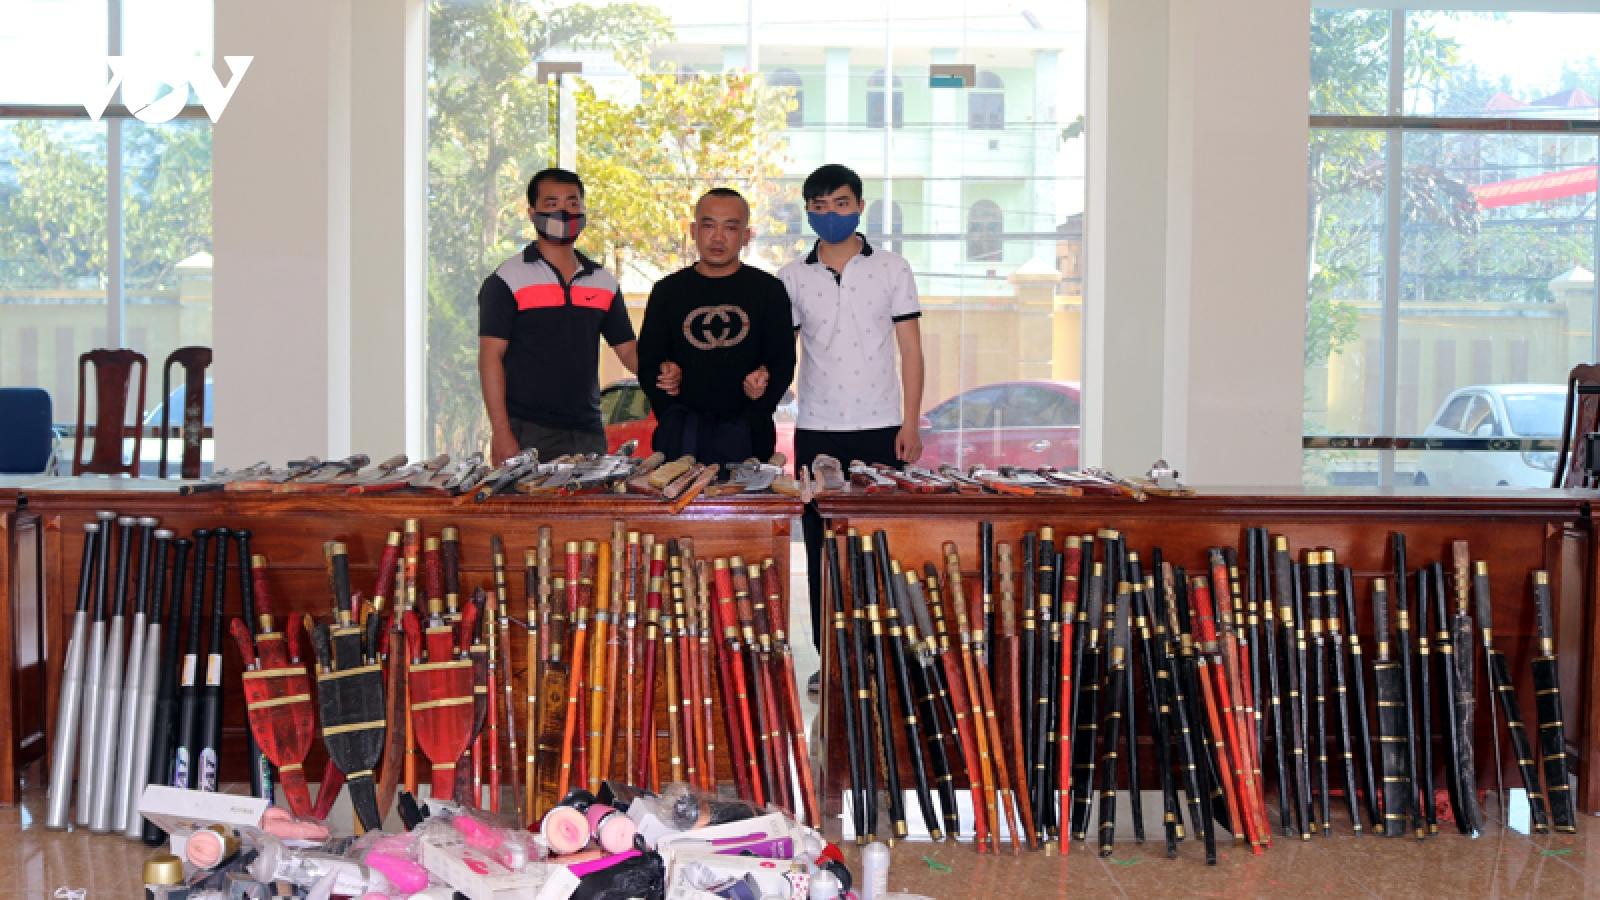 Điện Biên: Bắt 1 đối tượng, thu hàng trăm vũ khí và đồ chơi tình dục